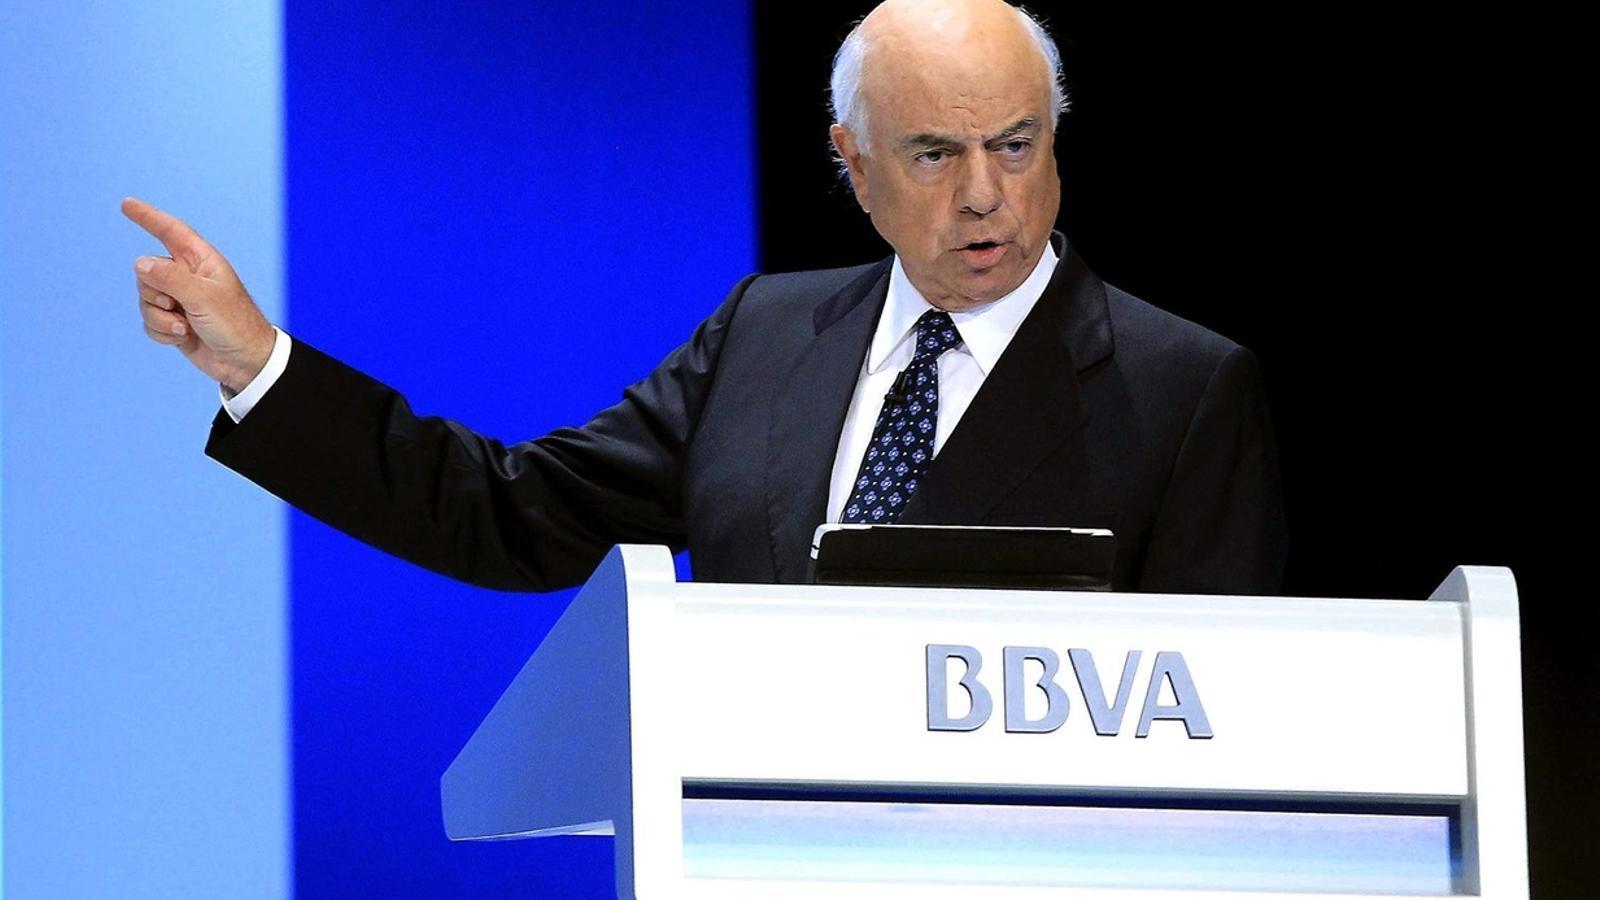 El BBVA guanya 1.199 milions fins al març, gairebé un 70% més